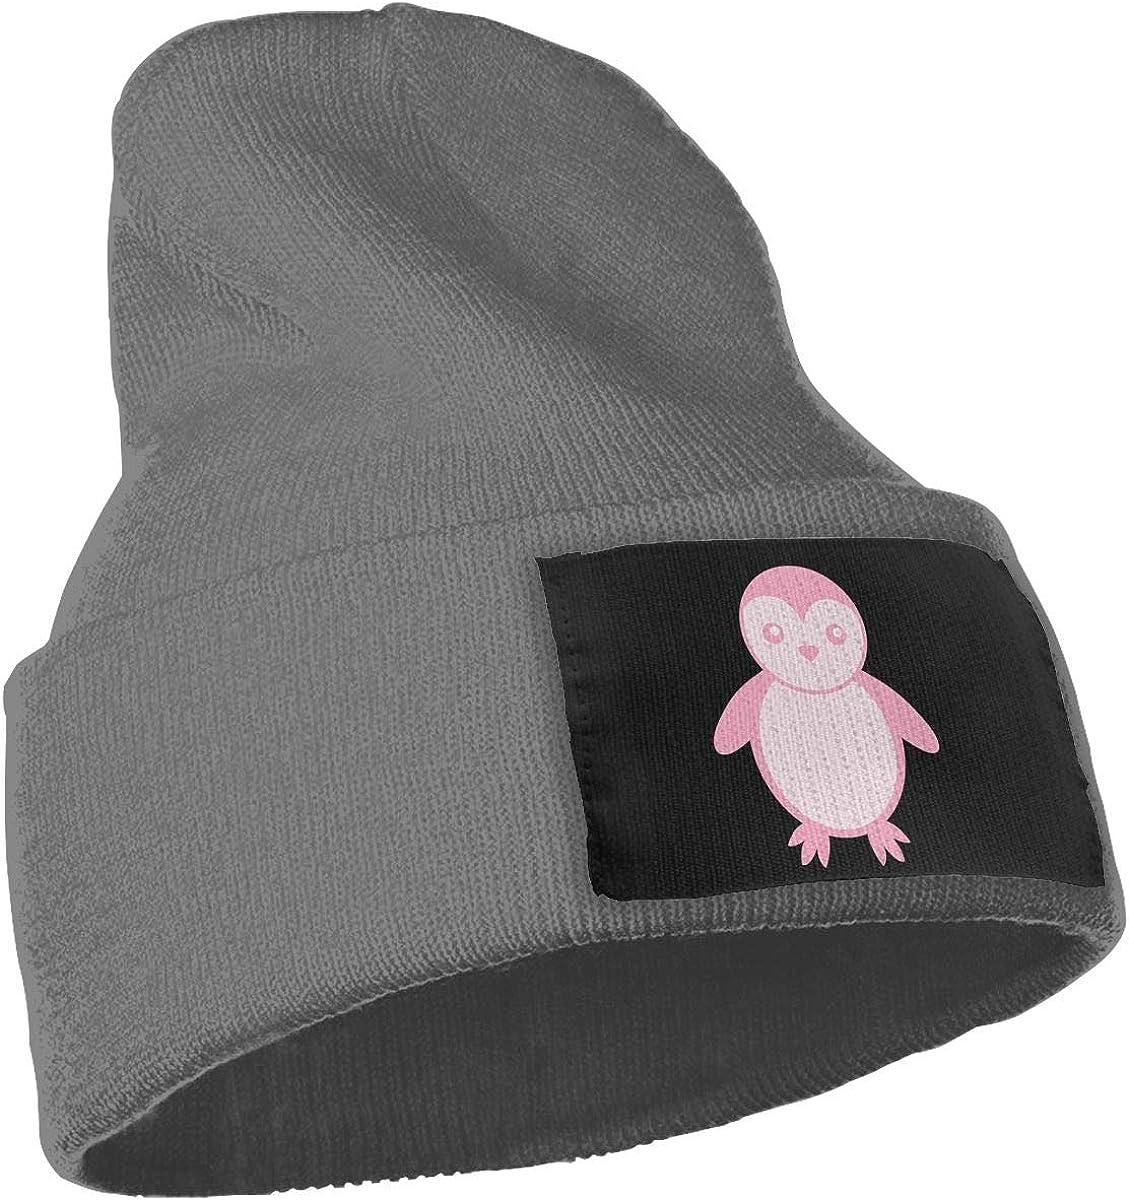 SLADDD1 Pink Penguin Warm Winter Hat Knit Beanie Skull Cap Cuff Beanie Hat Winter Hats for Men /& Women